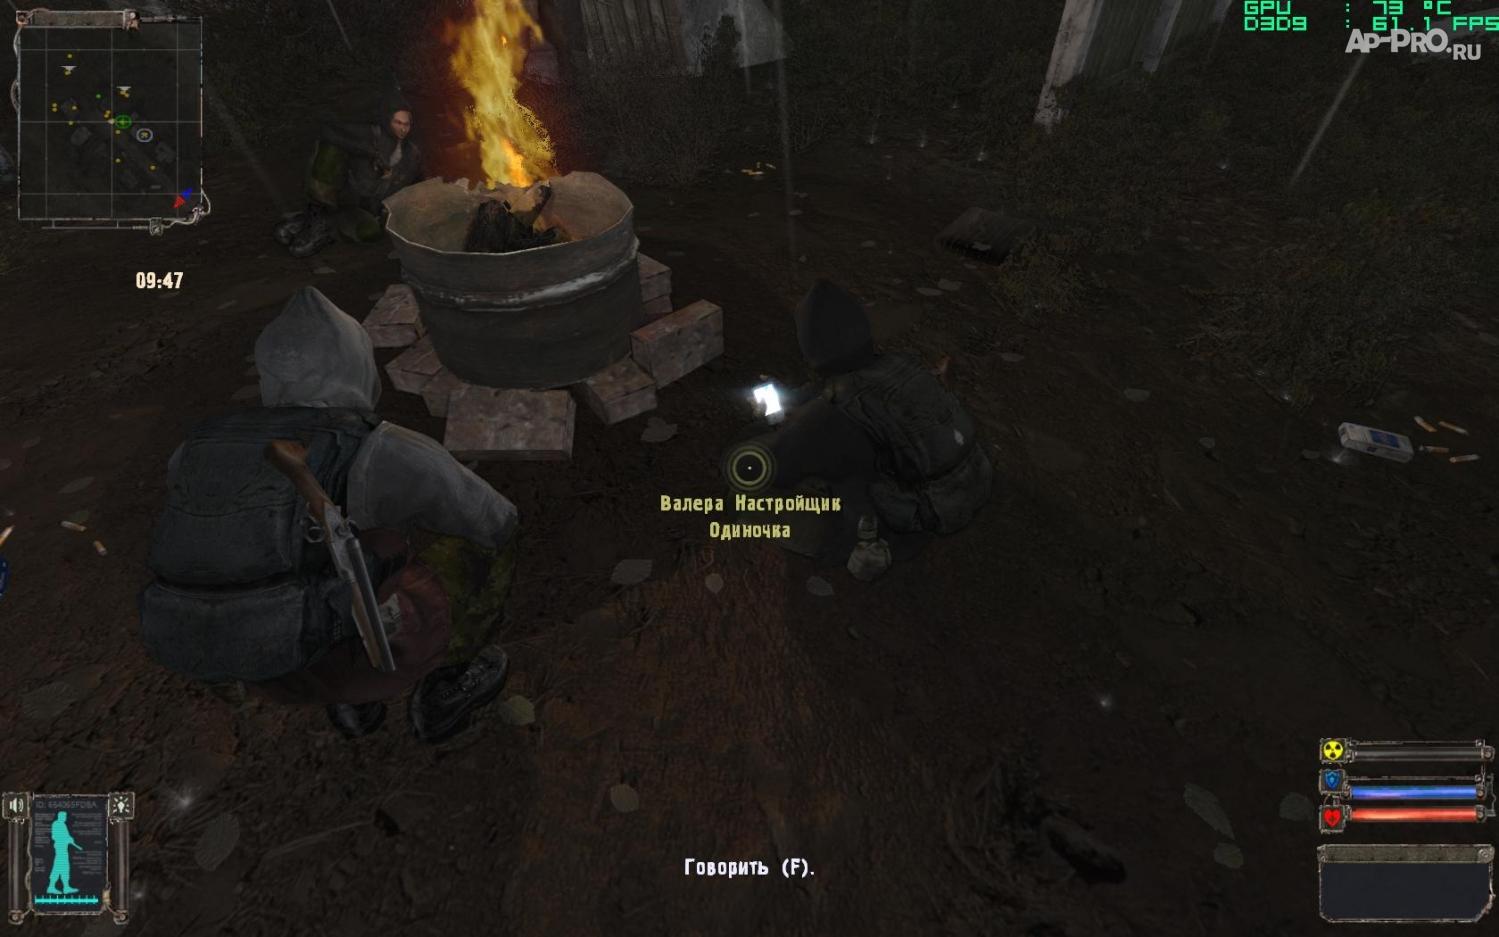 темные зоны в сталкер огсе 6903 детективы, интимная